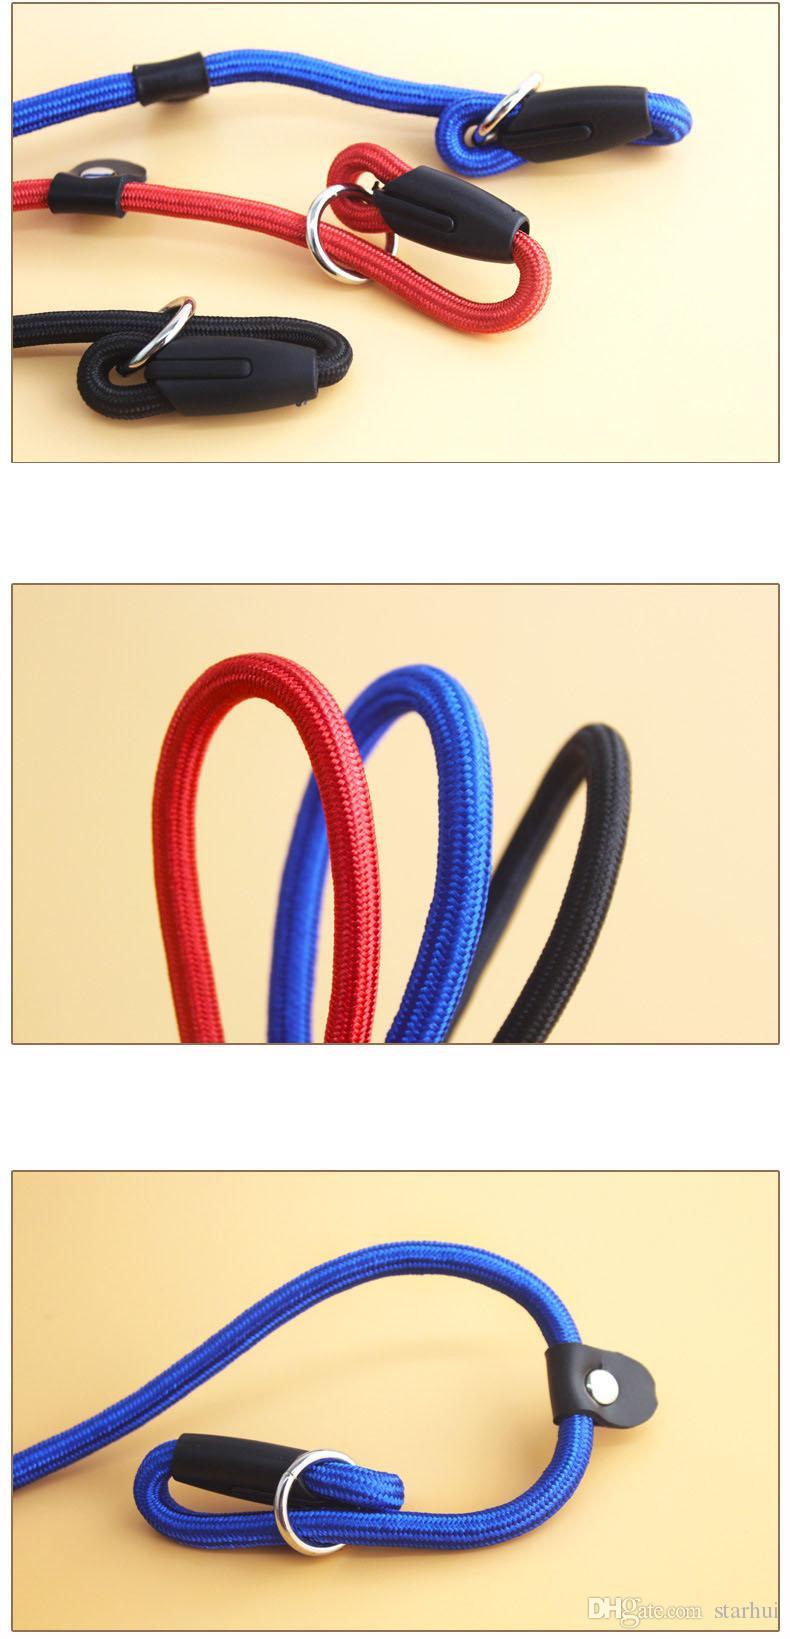 Haustier Hund Nylon Seil Führleine Slip Bleiband Einstellbare Zugkragen Haustier Tiere Seil Liefert Zubehör 0,6 * 130 cm WX9-656